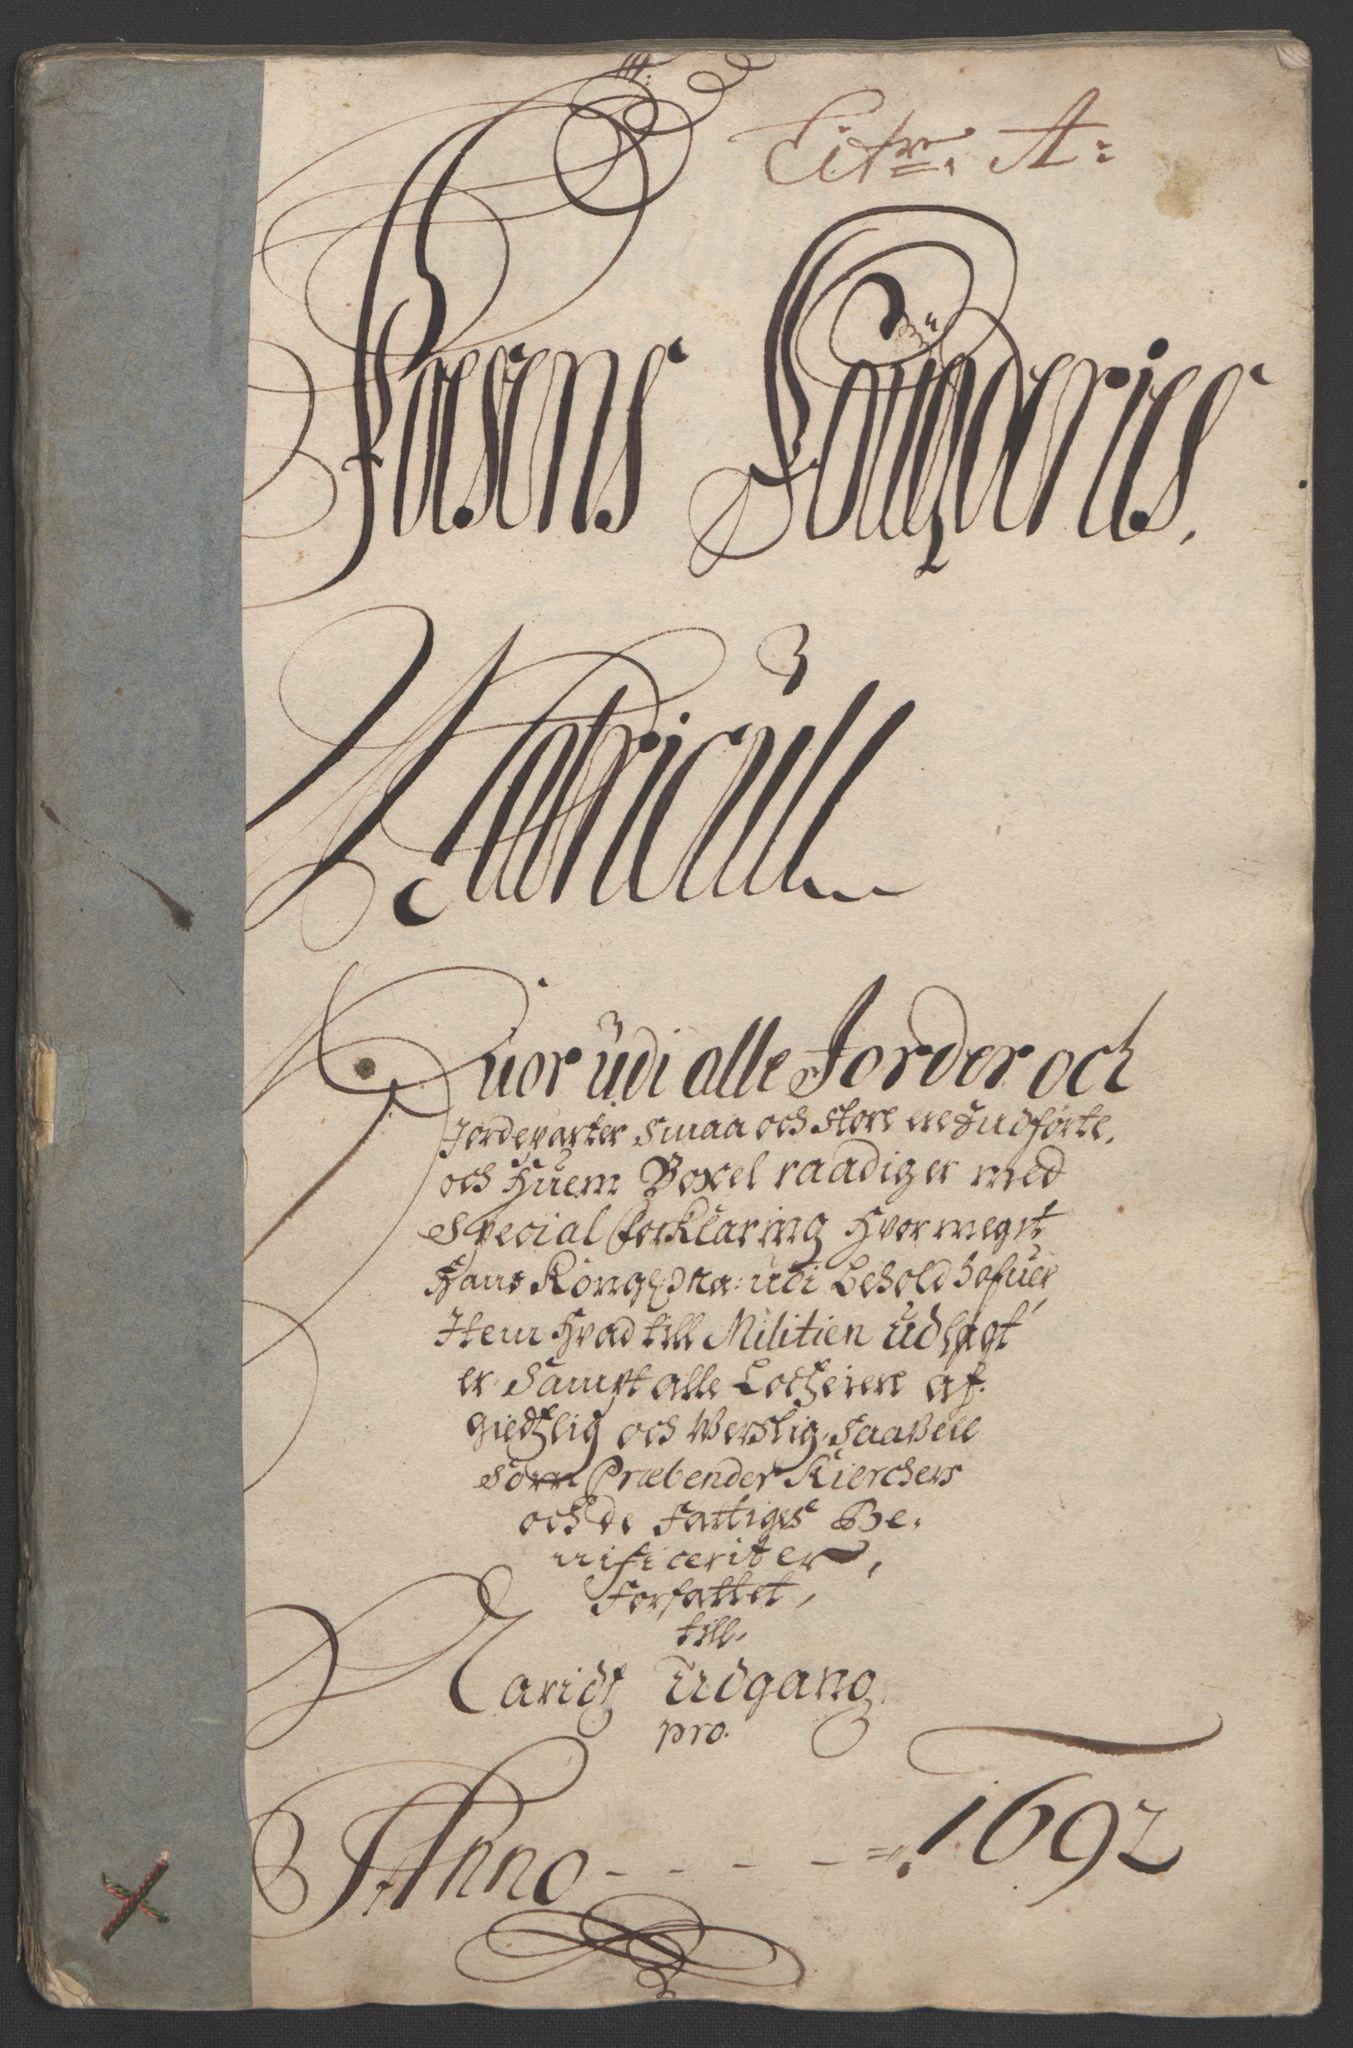 RA, Rentekammeret inntil 1814, Reviderte regnskaper, Fogderegnskap, R57/L3849: Fogderegnskap Fosen, 1692-1693, s. 18